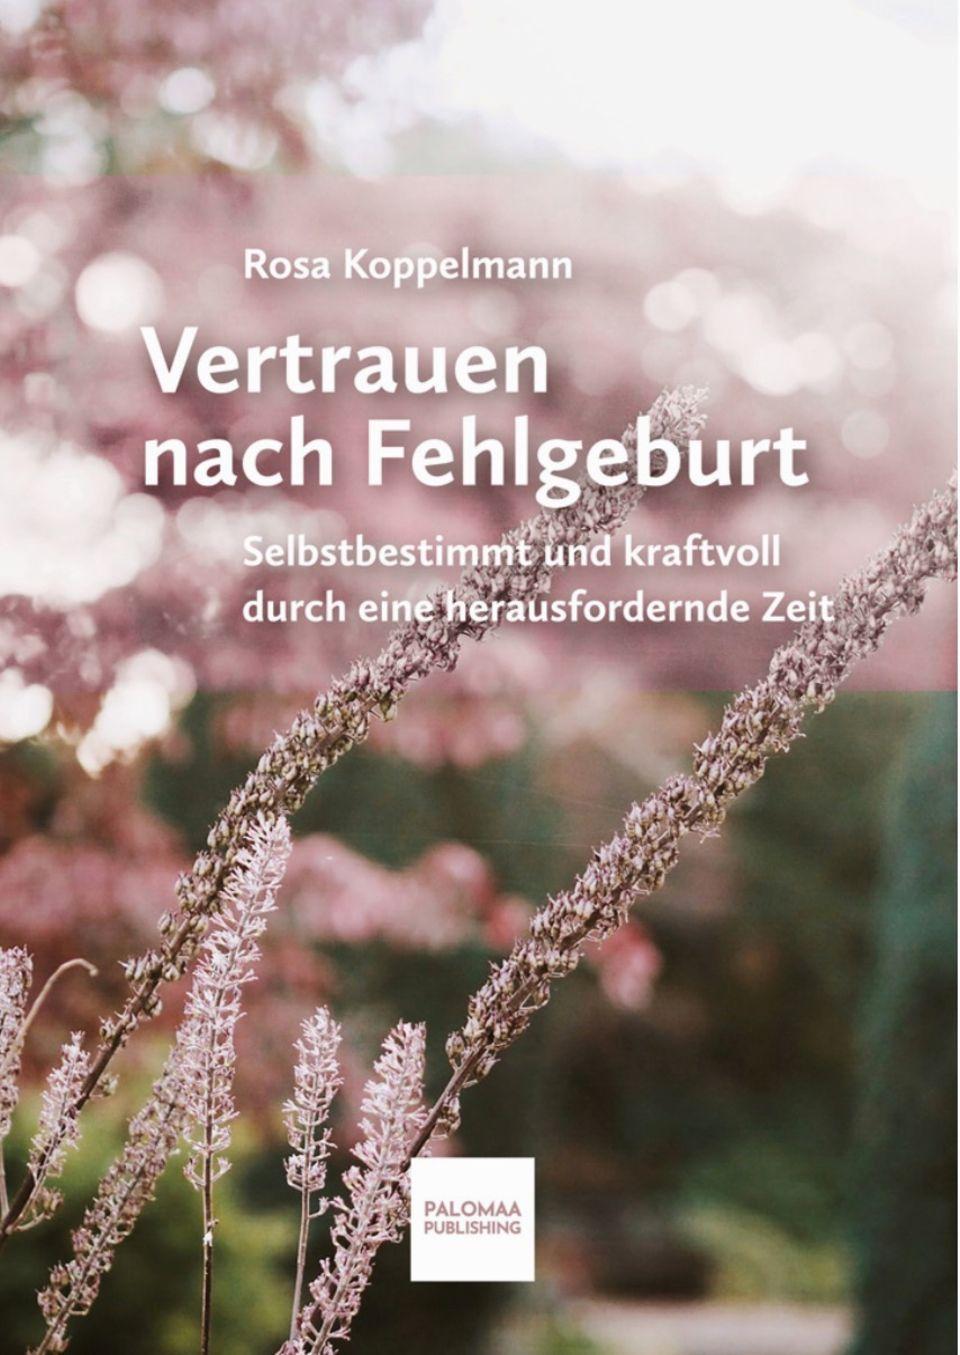 Rosa Koppelmann - Vertrauen nach Fehlgeburt: Cover